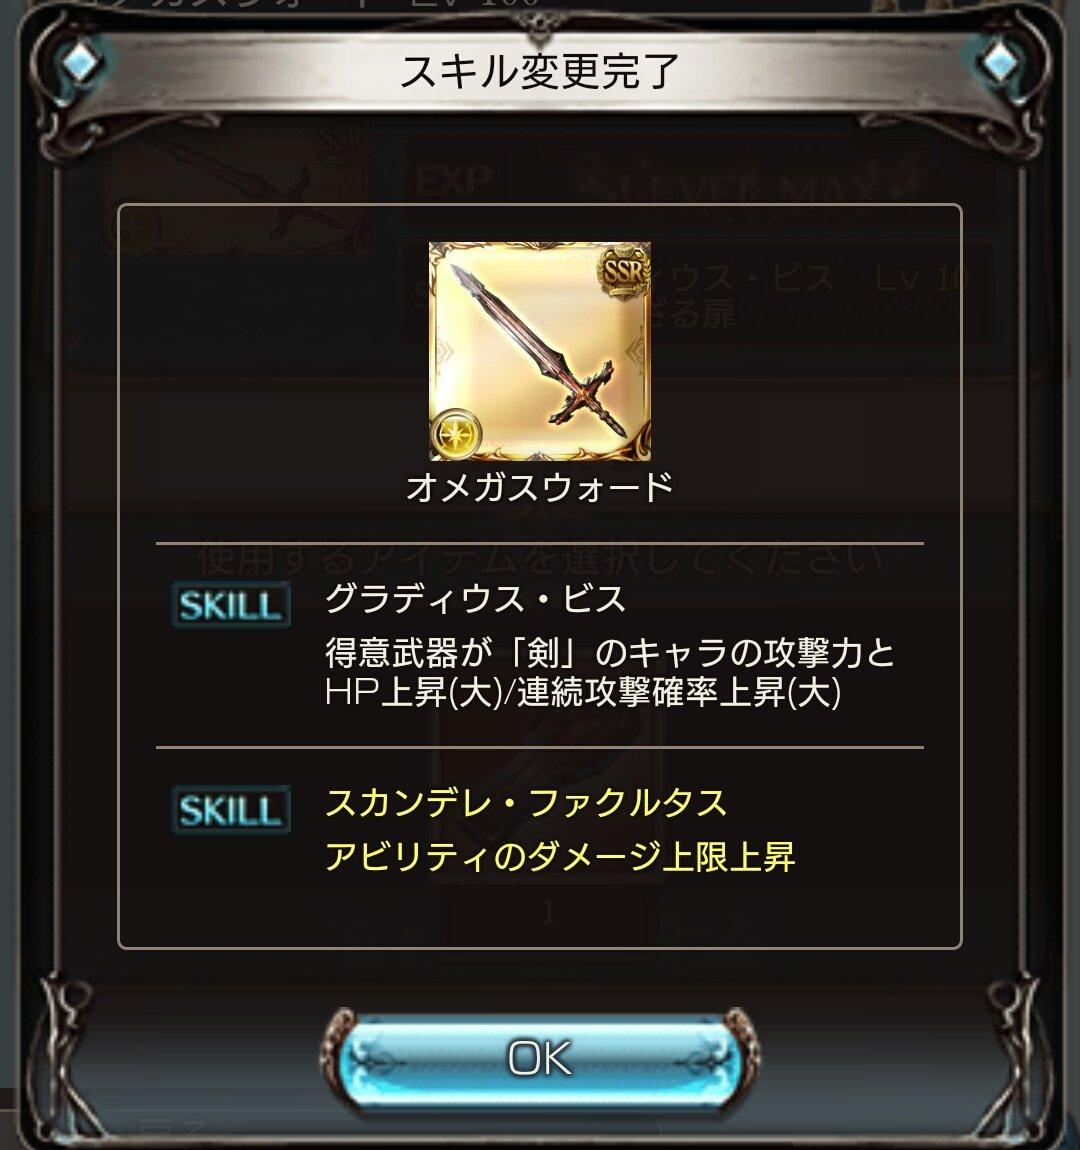 二 第 スキル 武器 オメガ